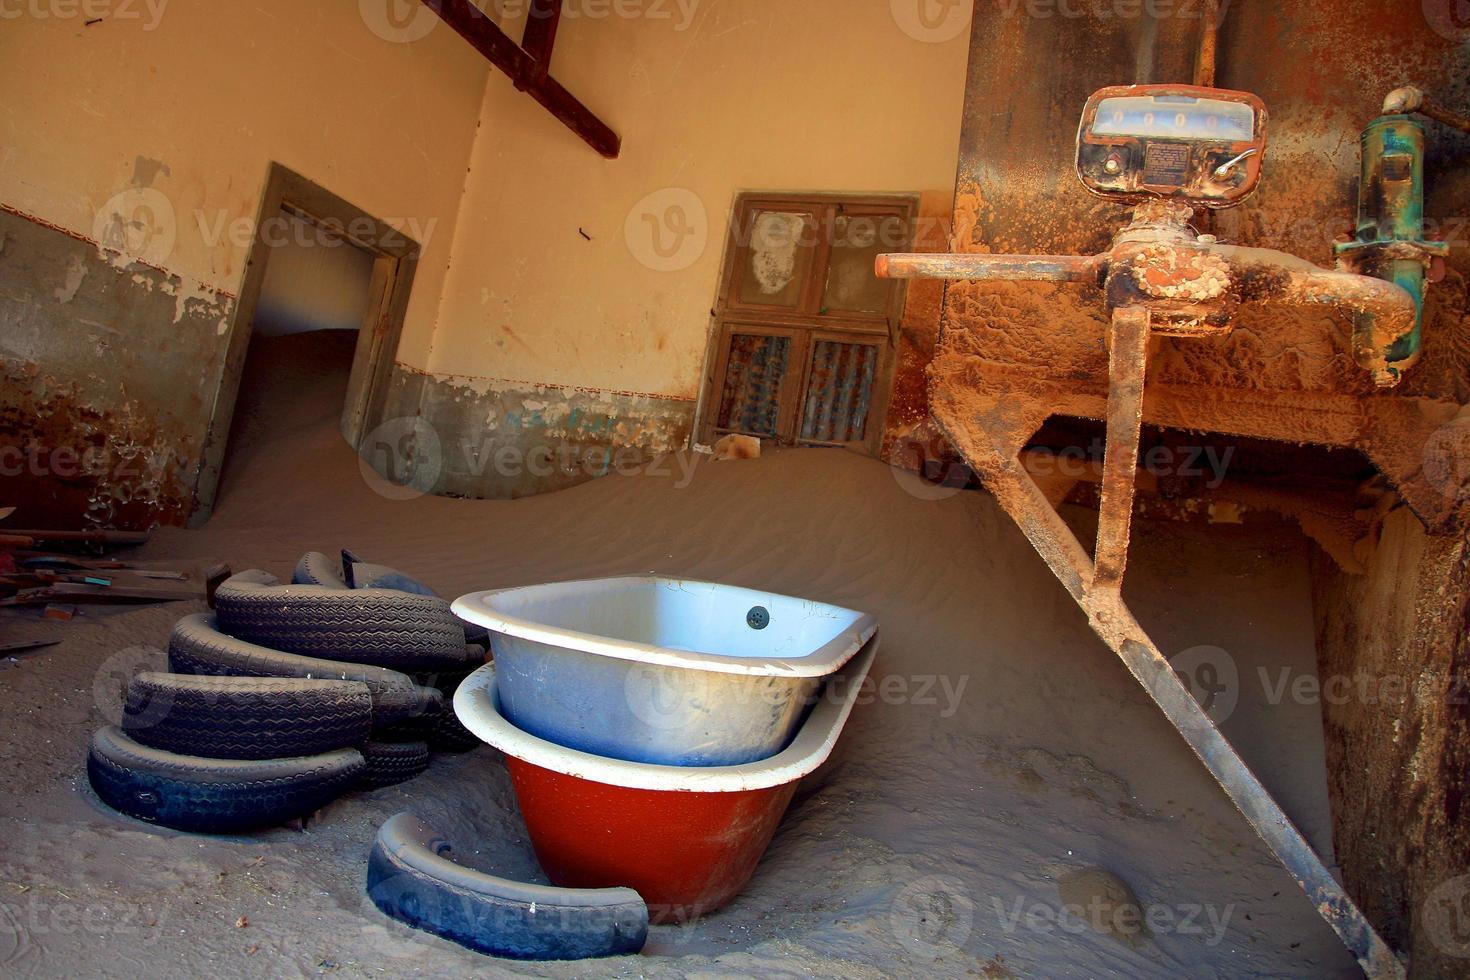 città fantasma a kolmanskop vicino a luderitz, namibia foto